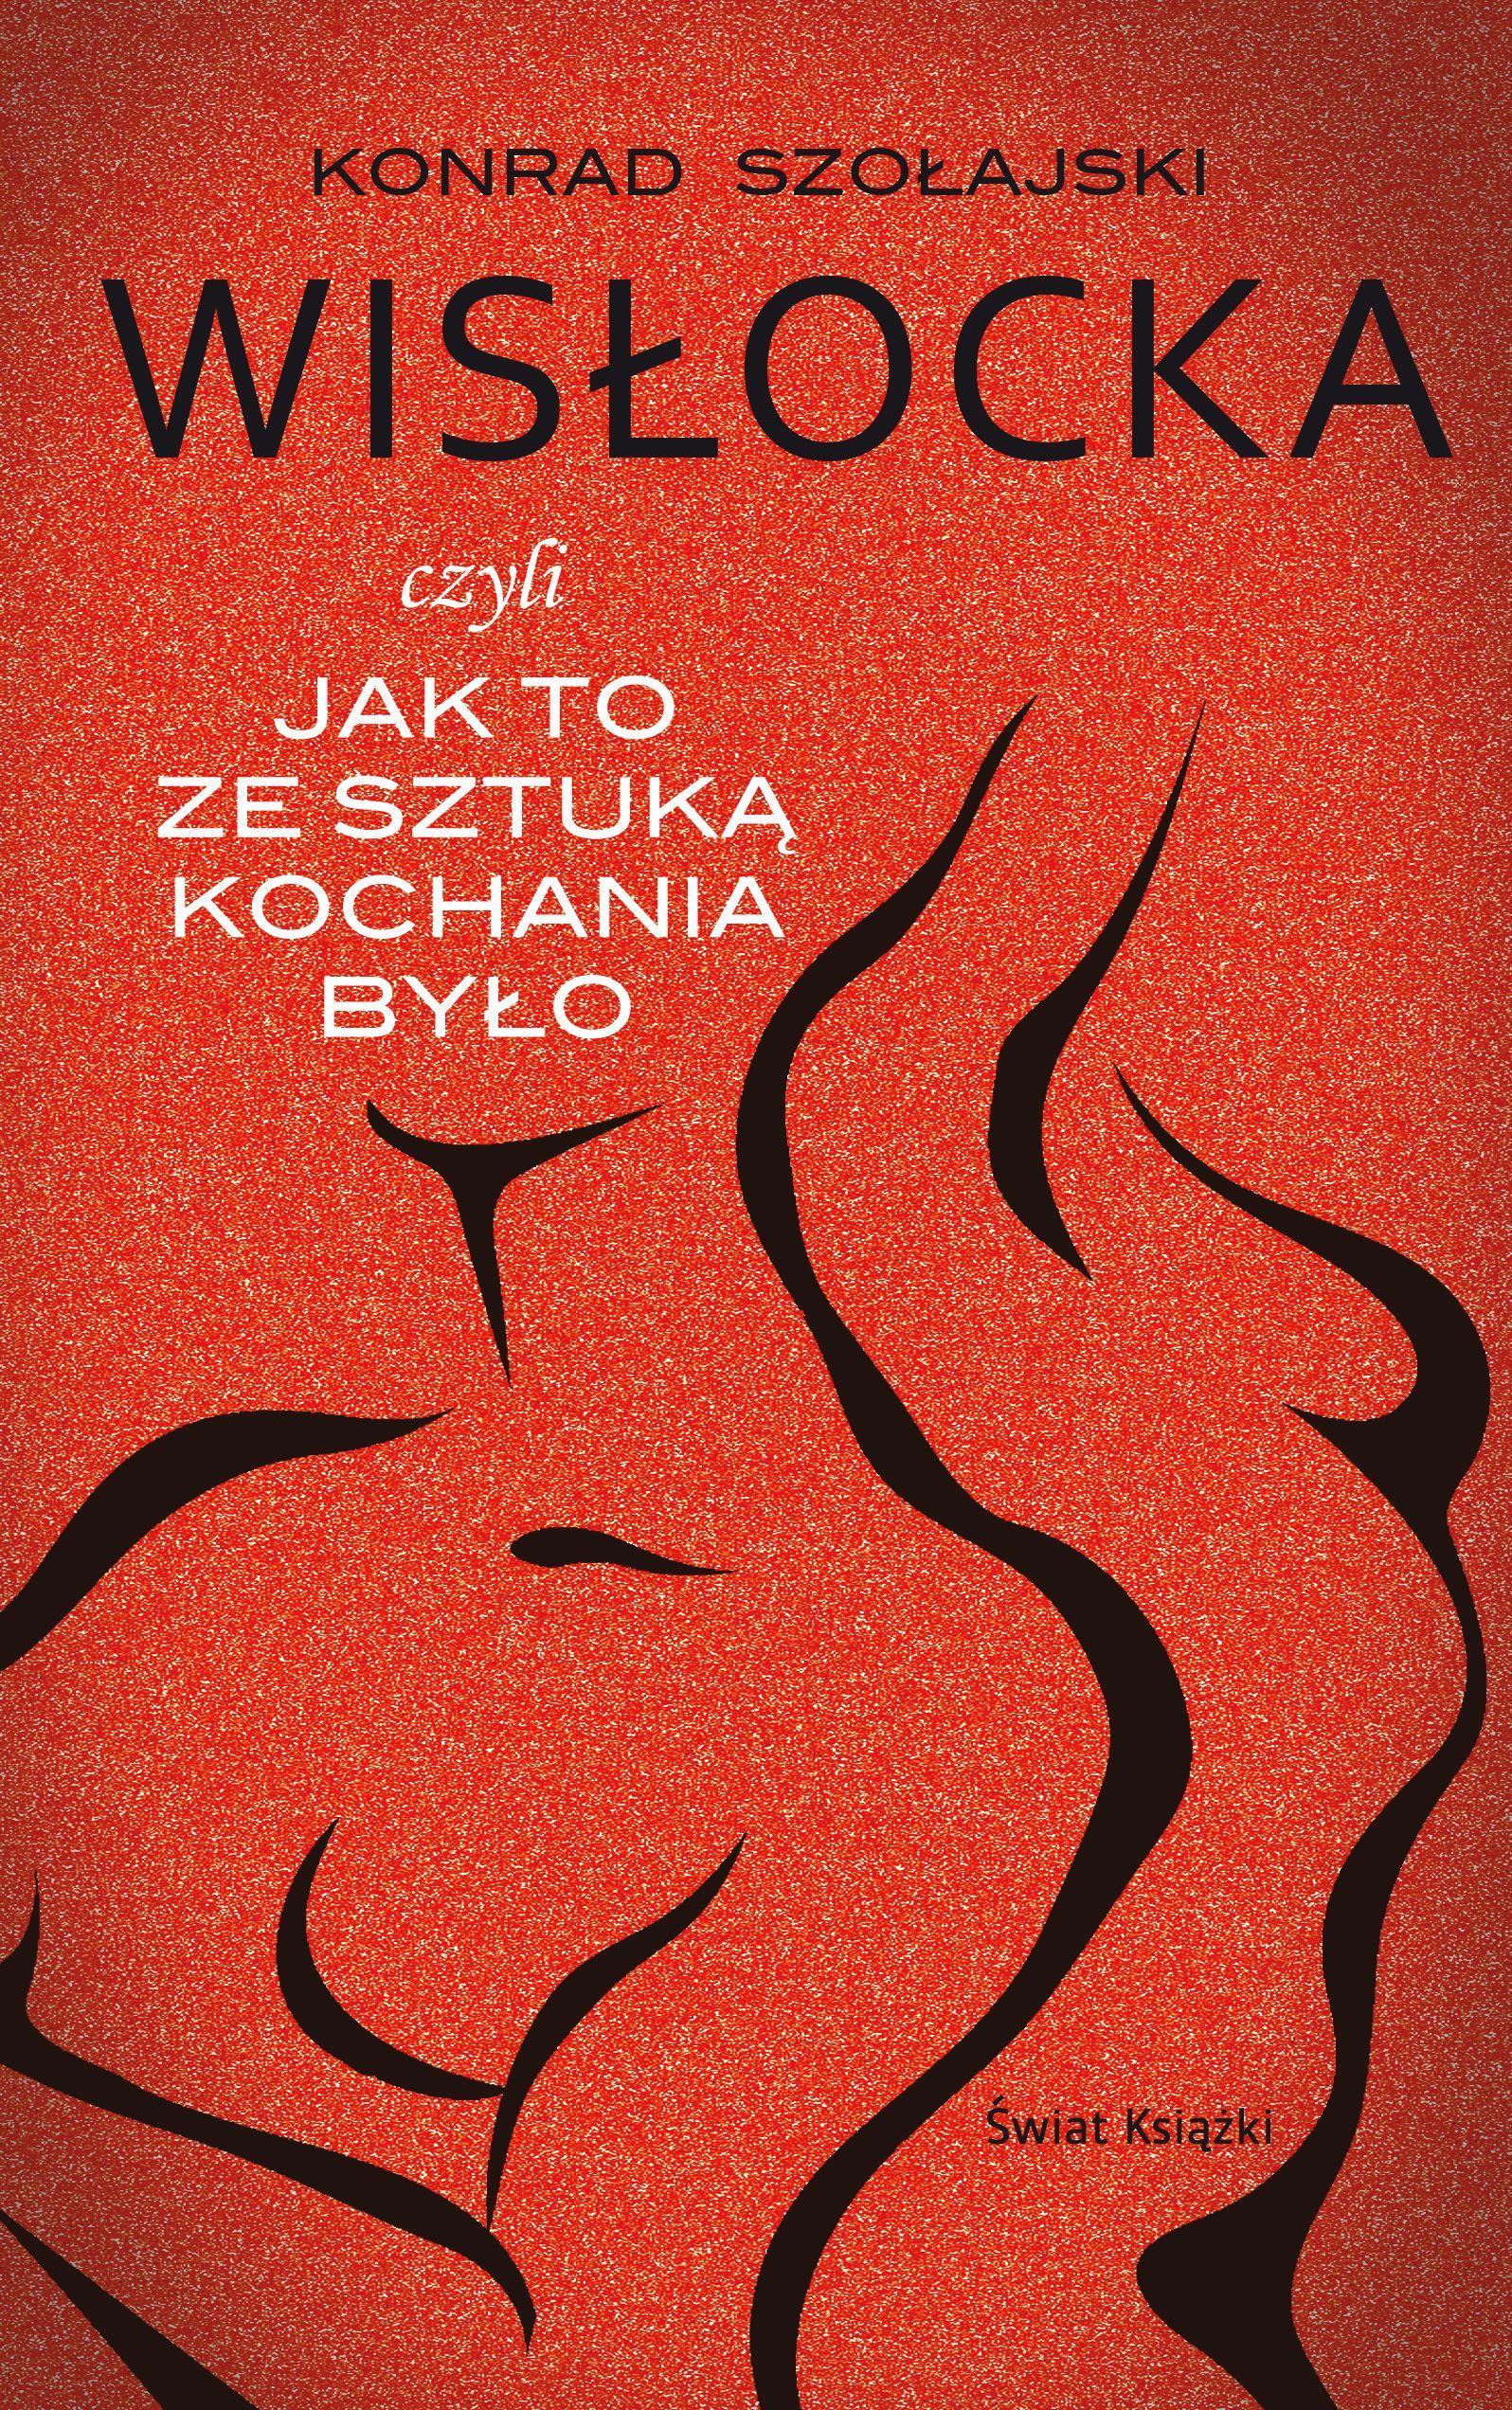 """Artykuł powstał miedzy innymi w oparciu o książkę Konrada Szołajskiego pt. """"Wisłocka, czyli jak to ze sztuką kochania było"""" (Świat Książki 2017)."""